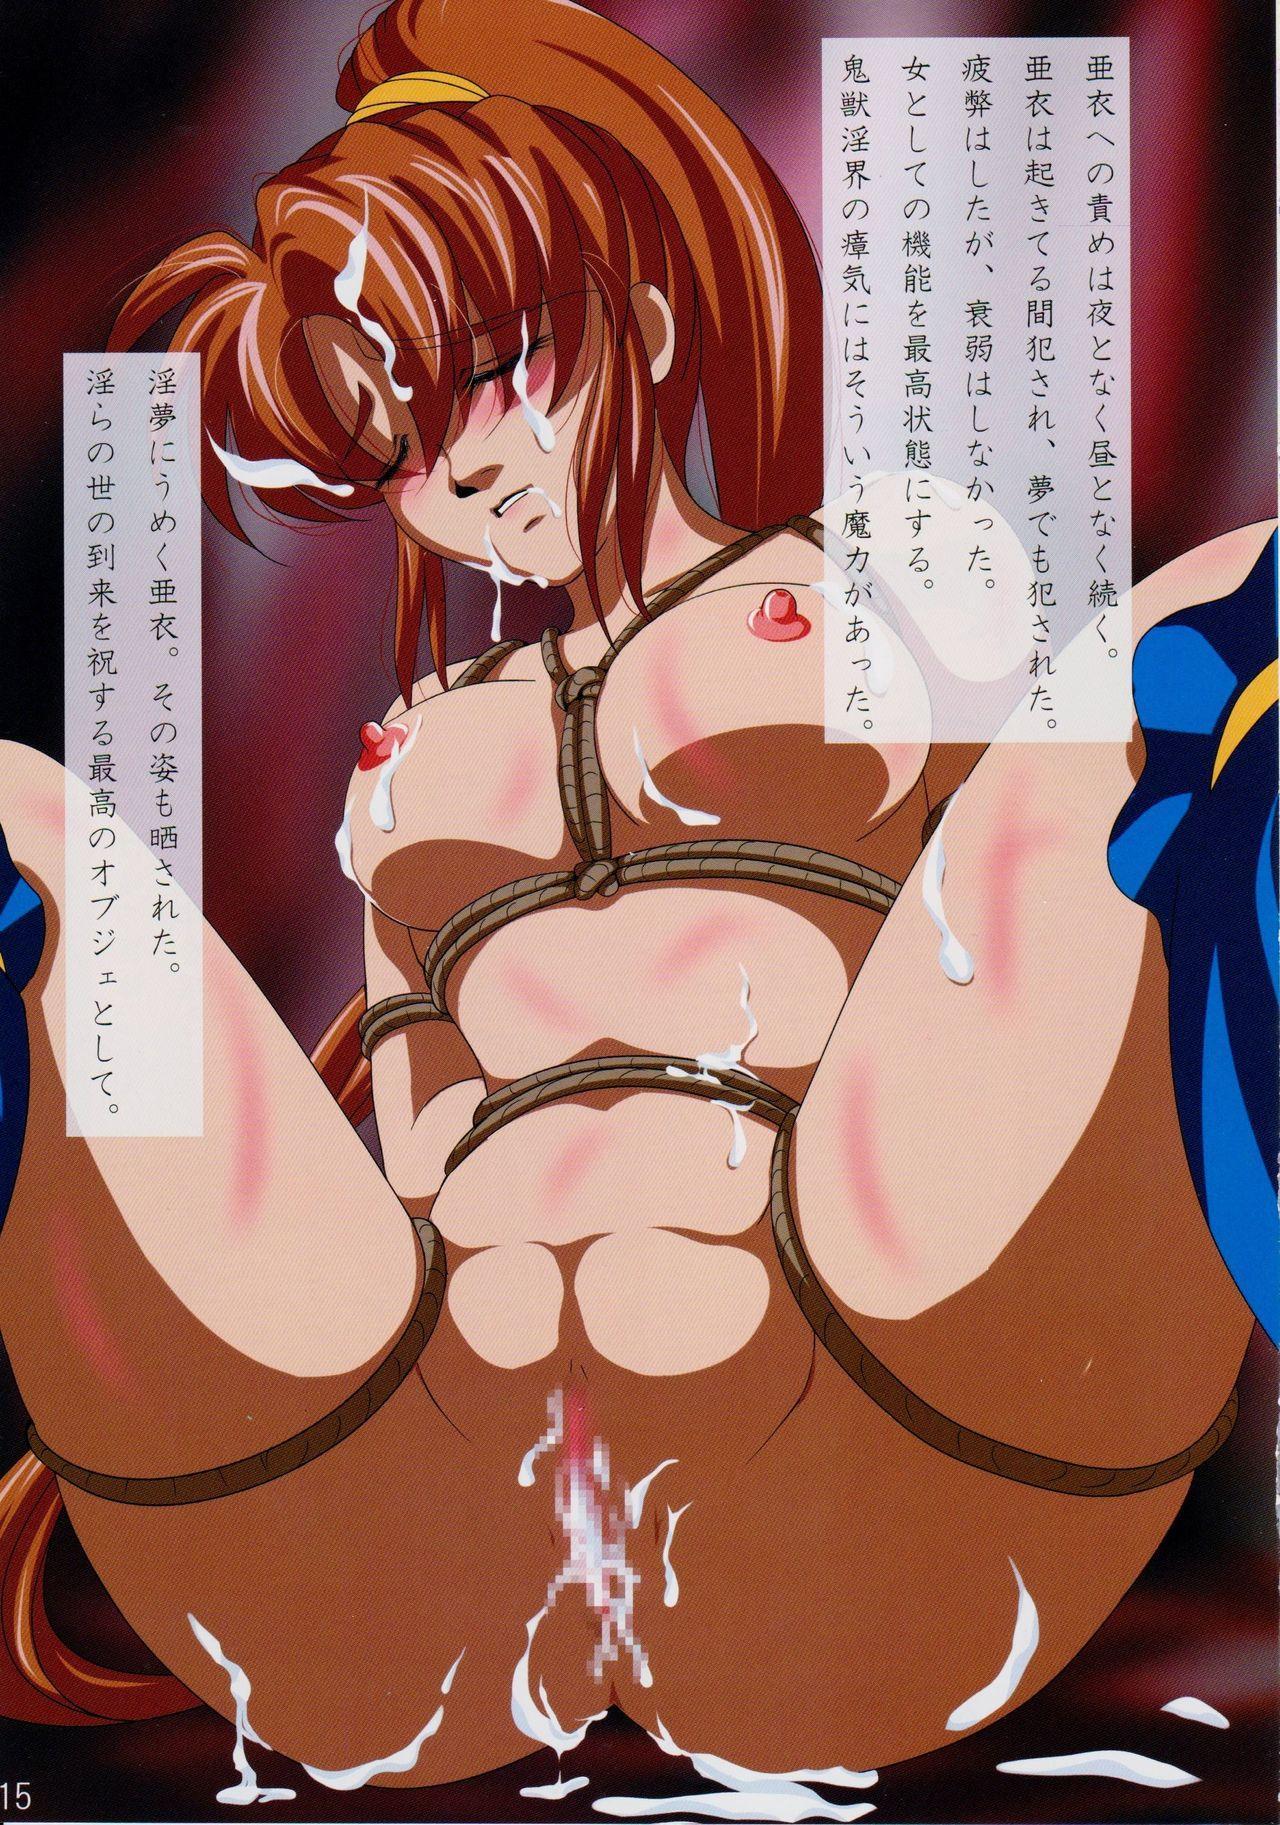 Tennyo no Chi o Hiku Hime Miko Amatsu Ai no Ochiru Toki Rakuin no Hime Miko 2 16